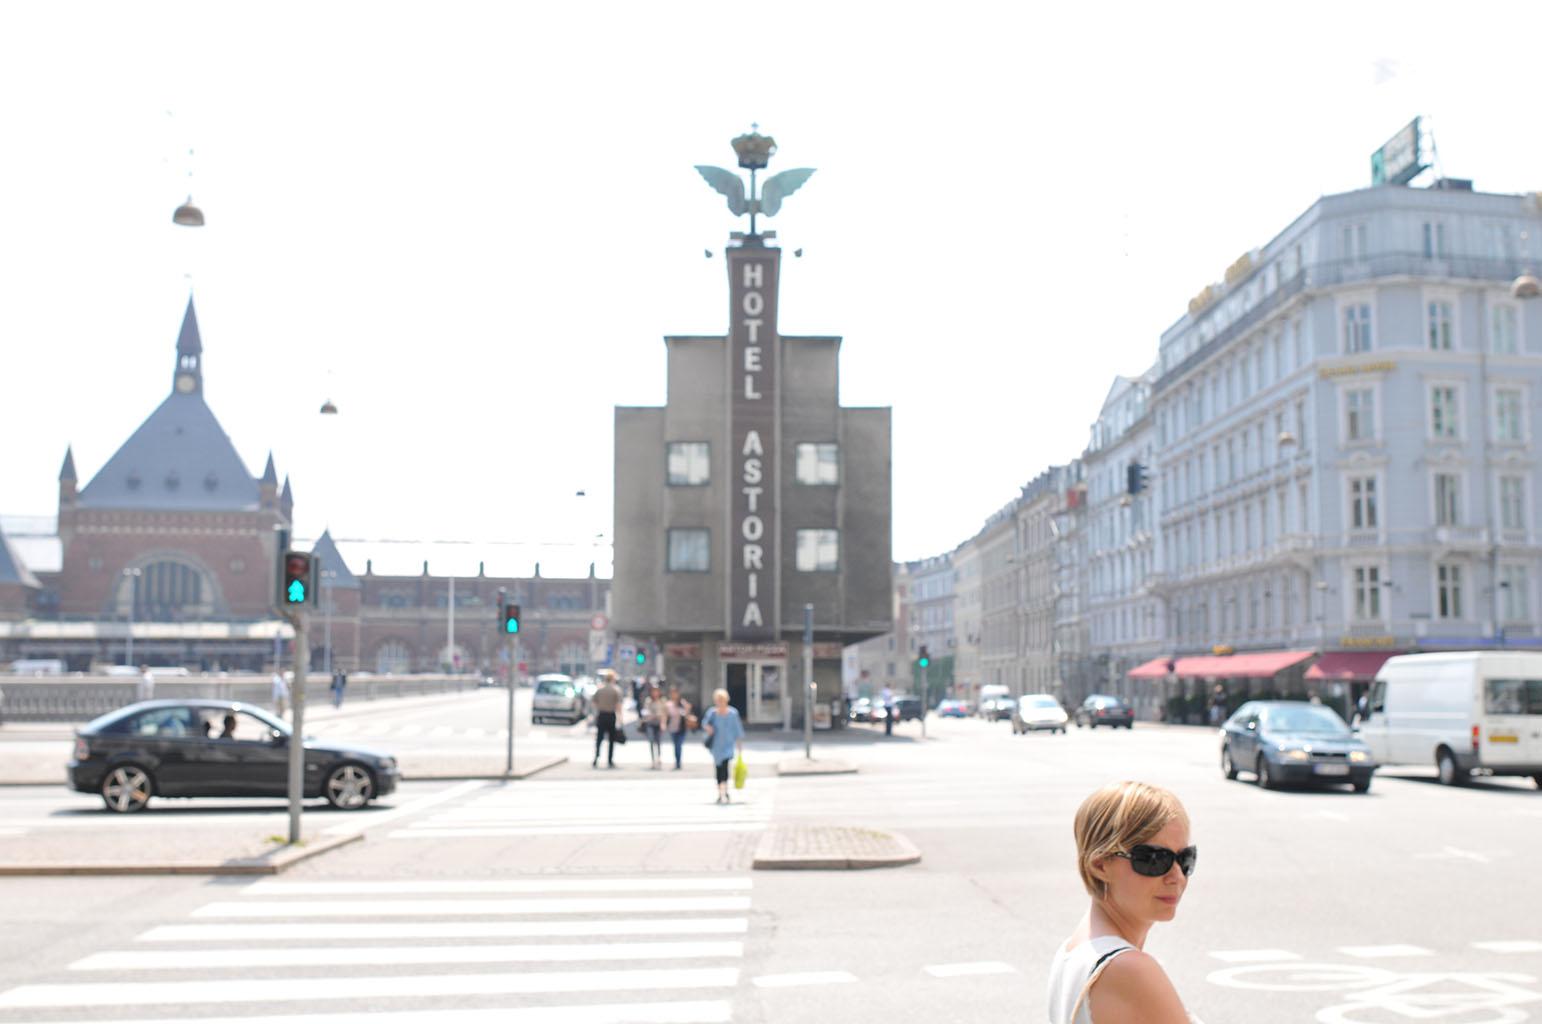 コペンハーゲン中央駅の前の交差点からの風景